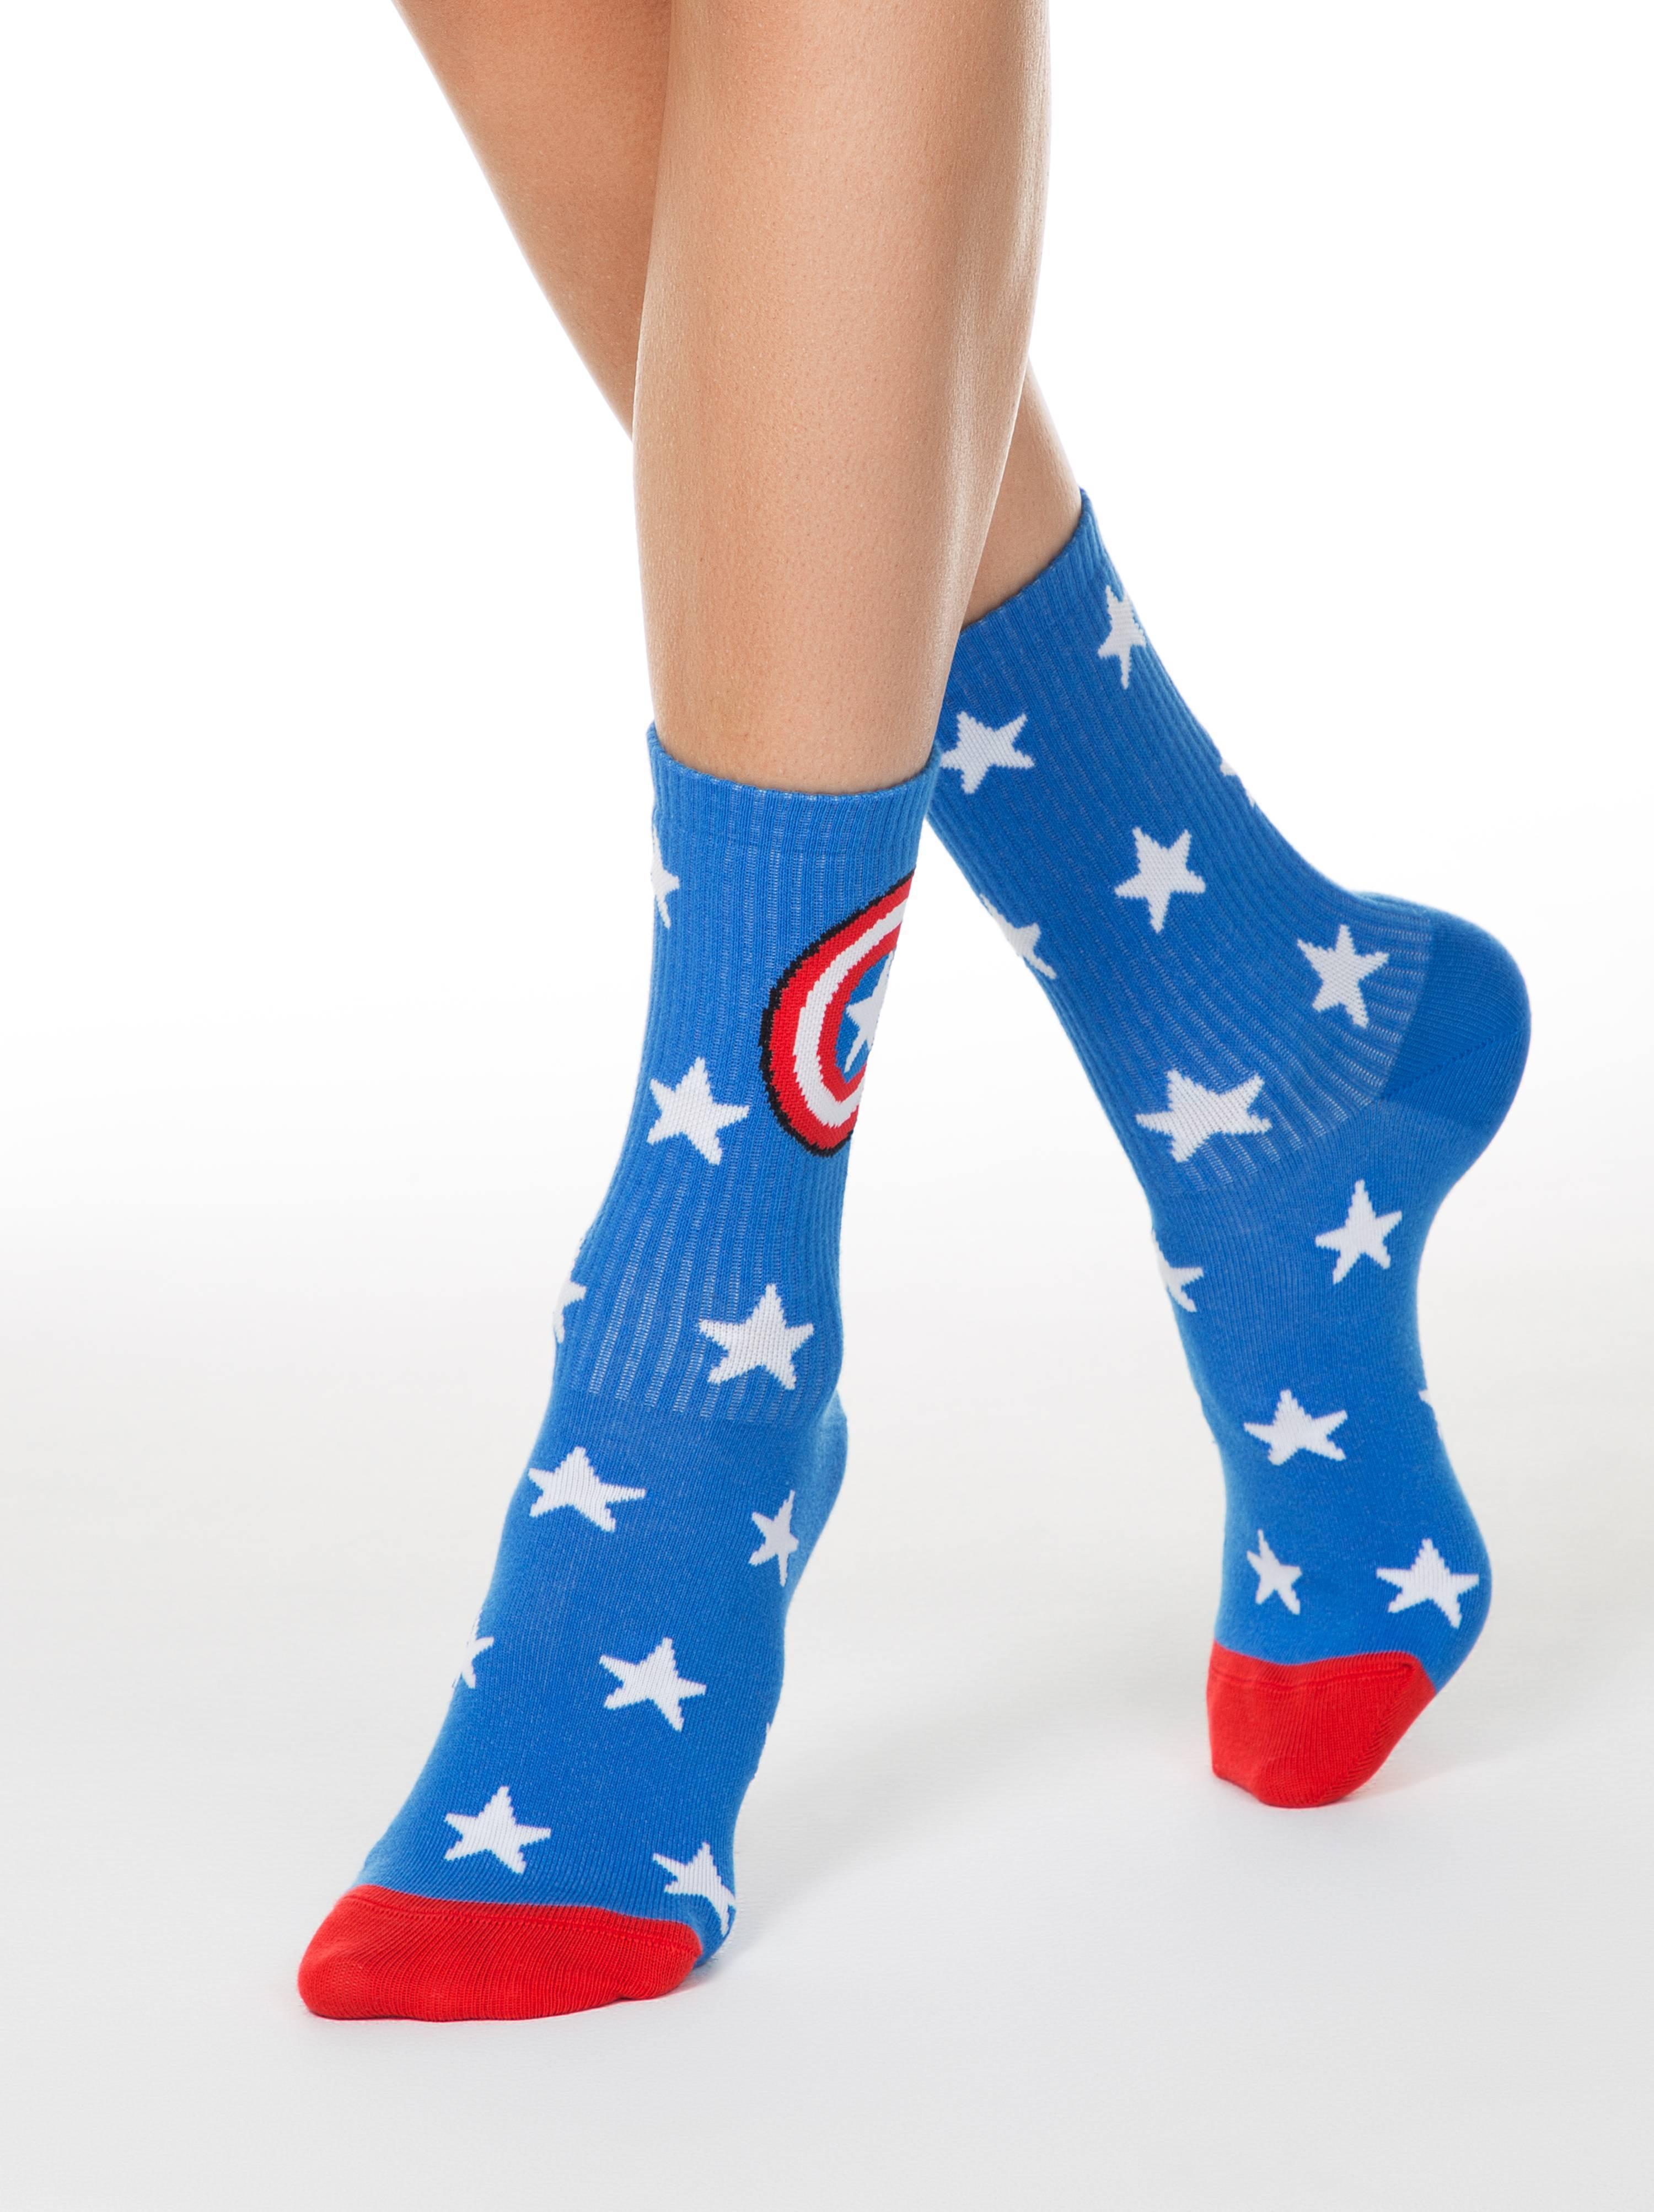 Носки женские ⭐️ Женские удлиненные носки с рисунками ©MARVEL ⭐️